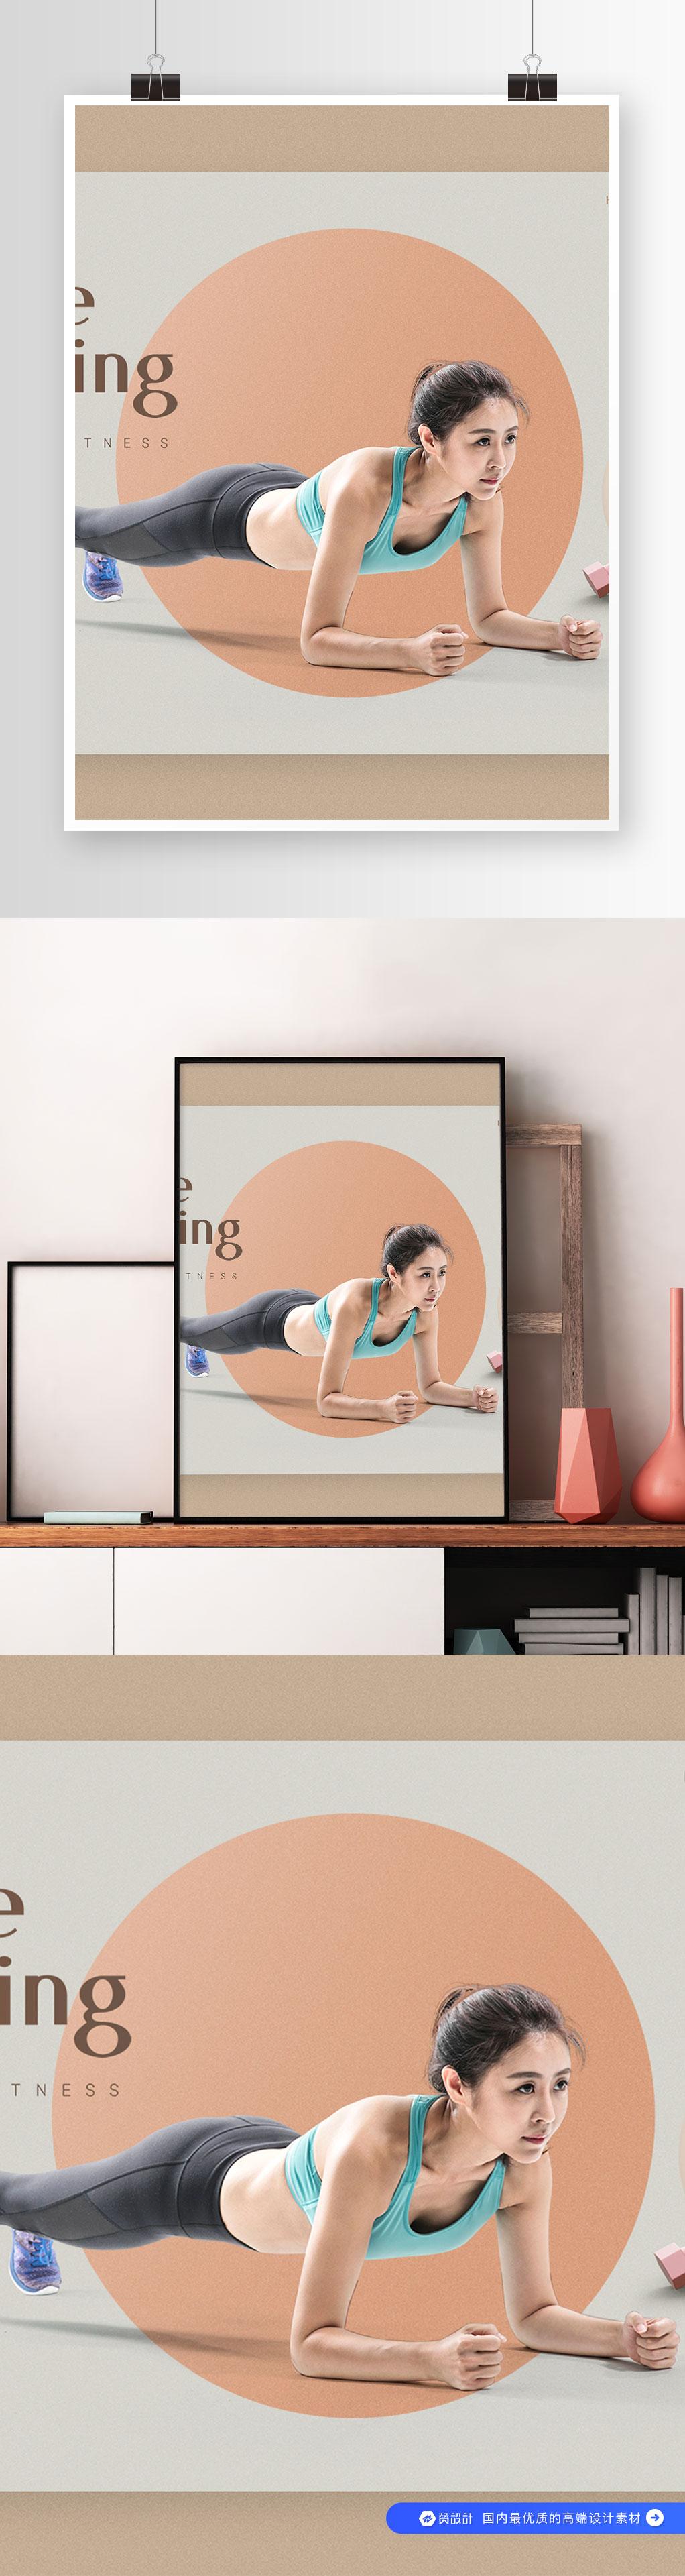 养生运动瑜伽美女健身海报设计素材(8)